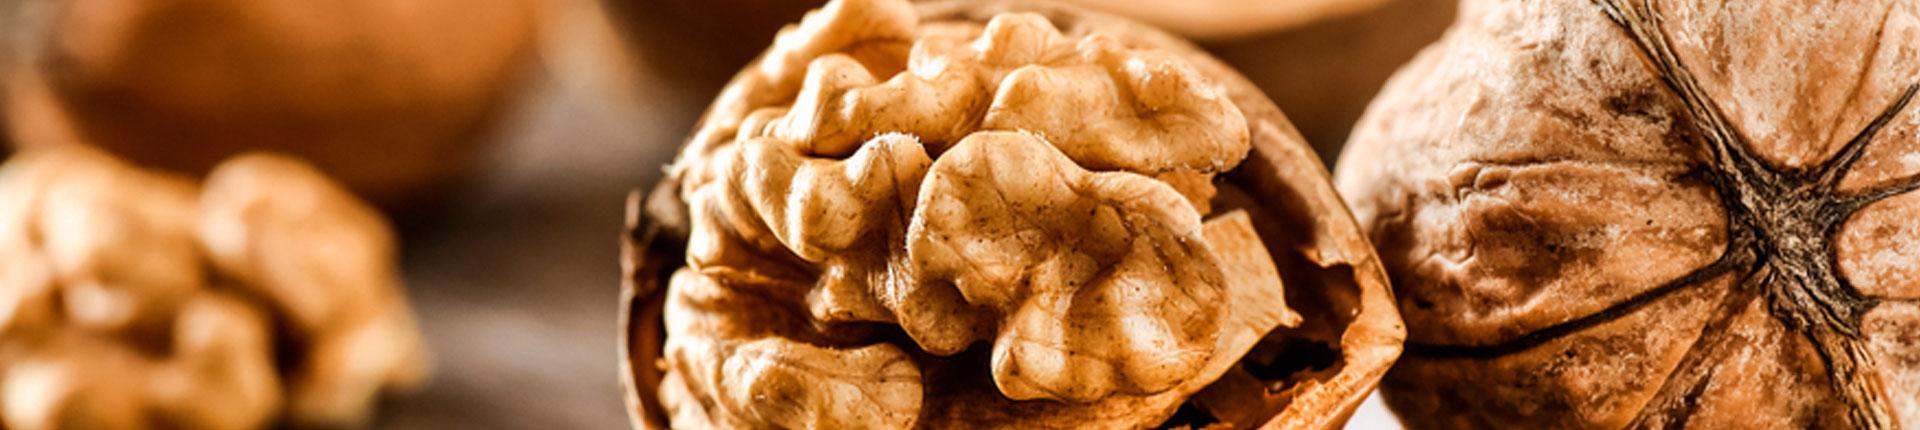 Przeciwzapalne składniki diety - co jeść?